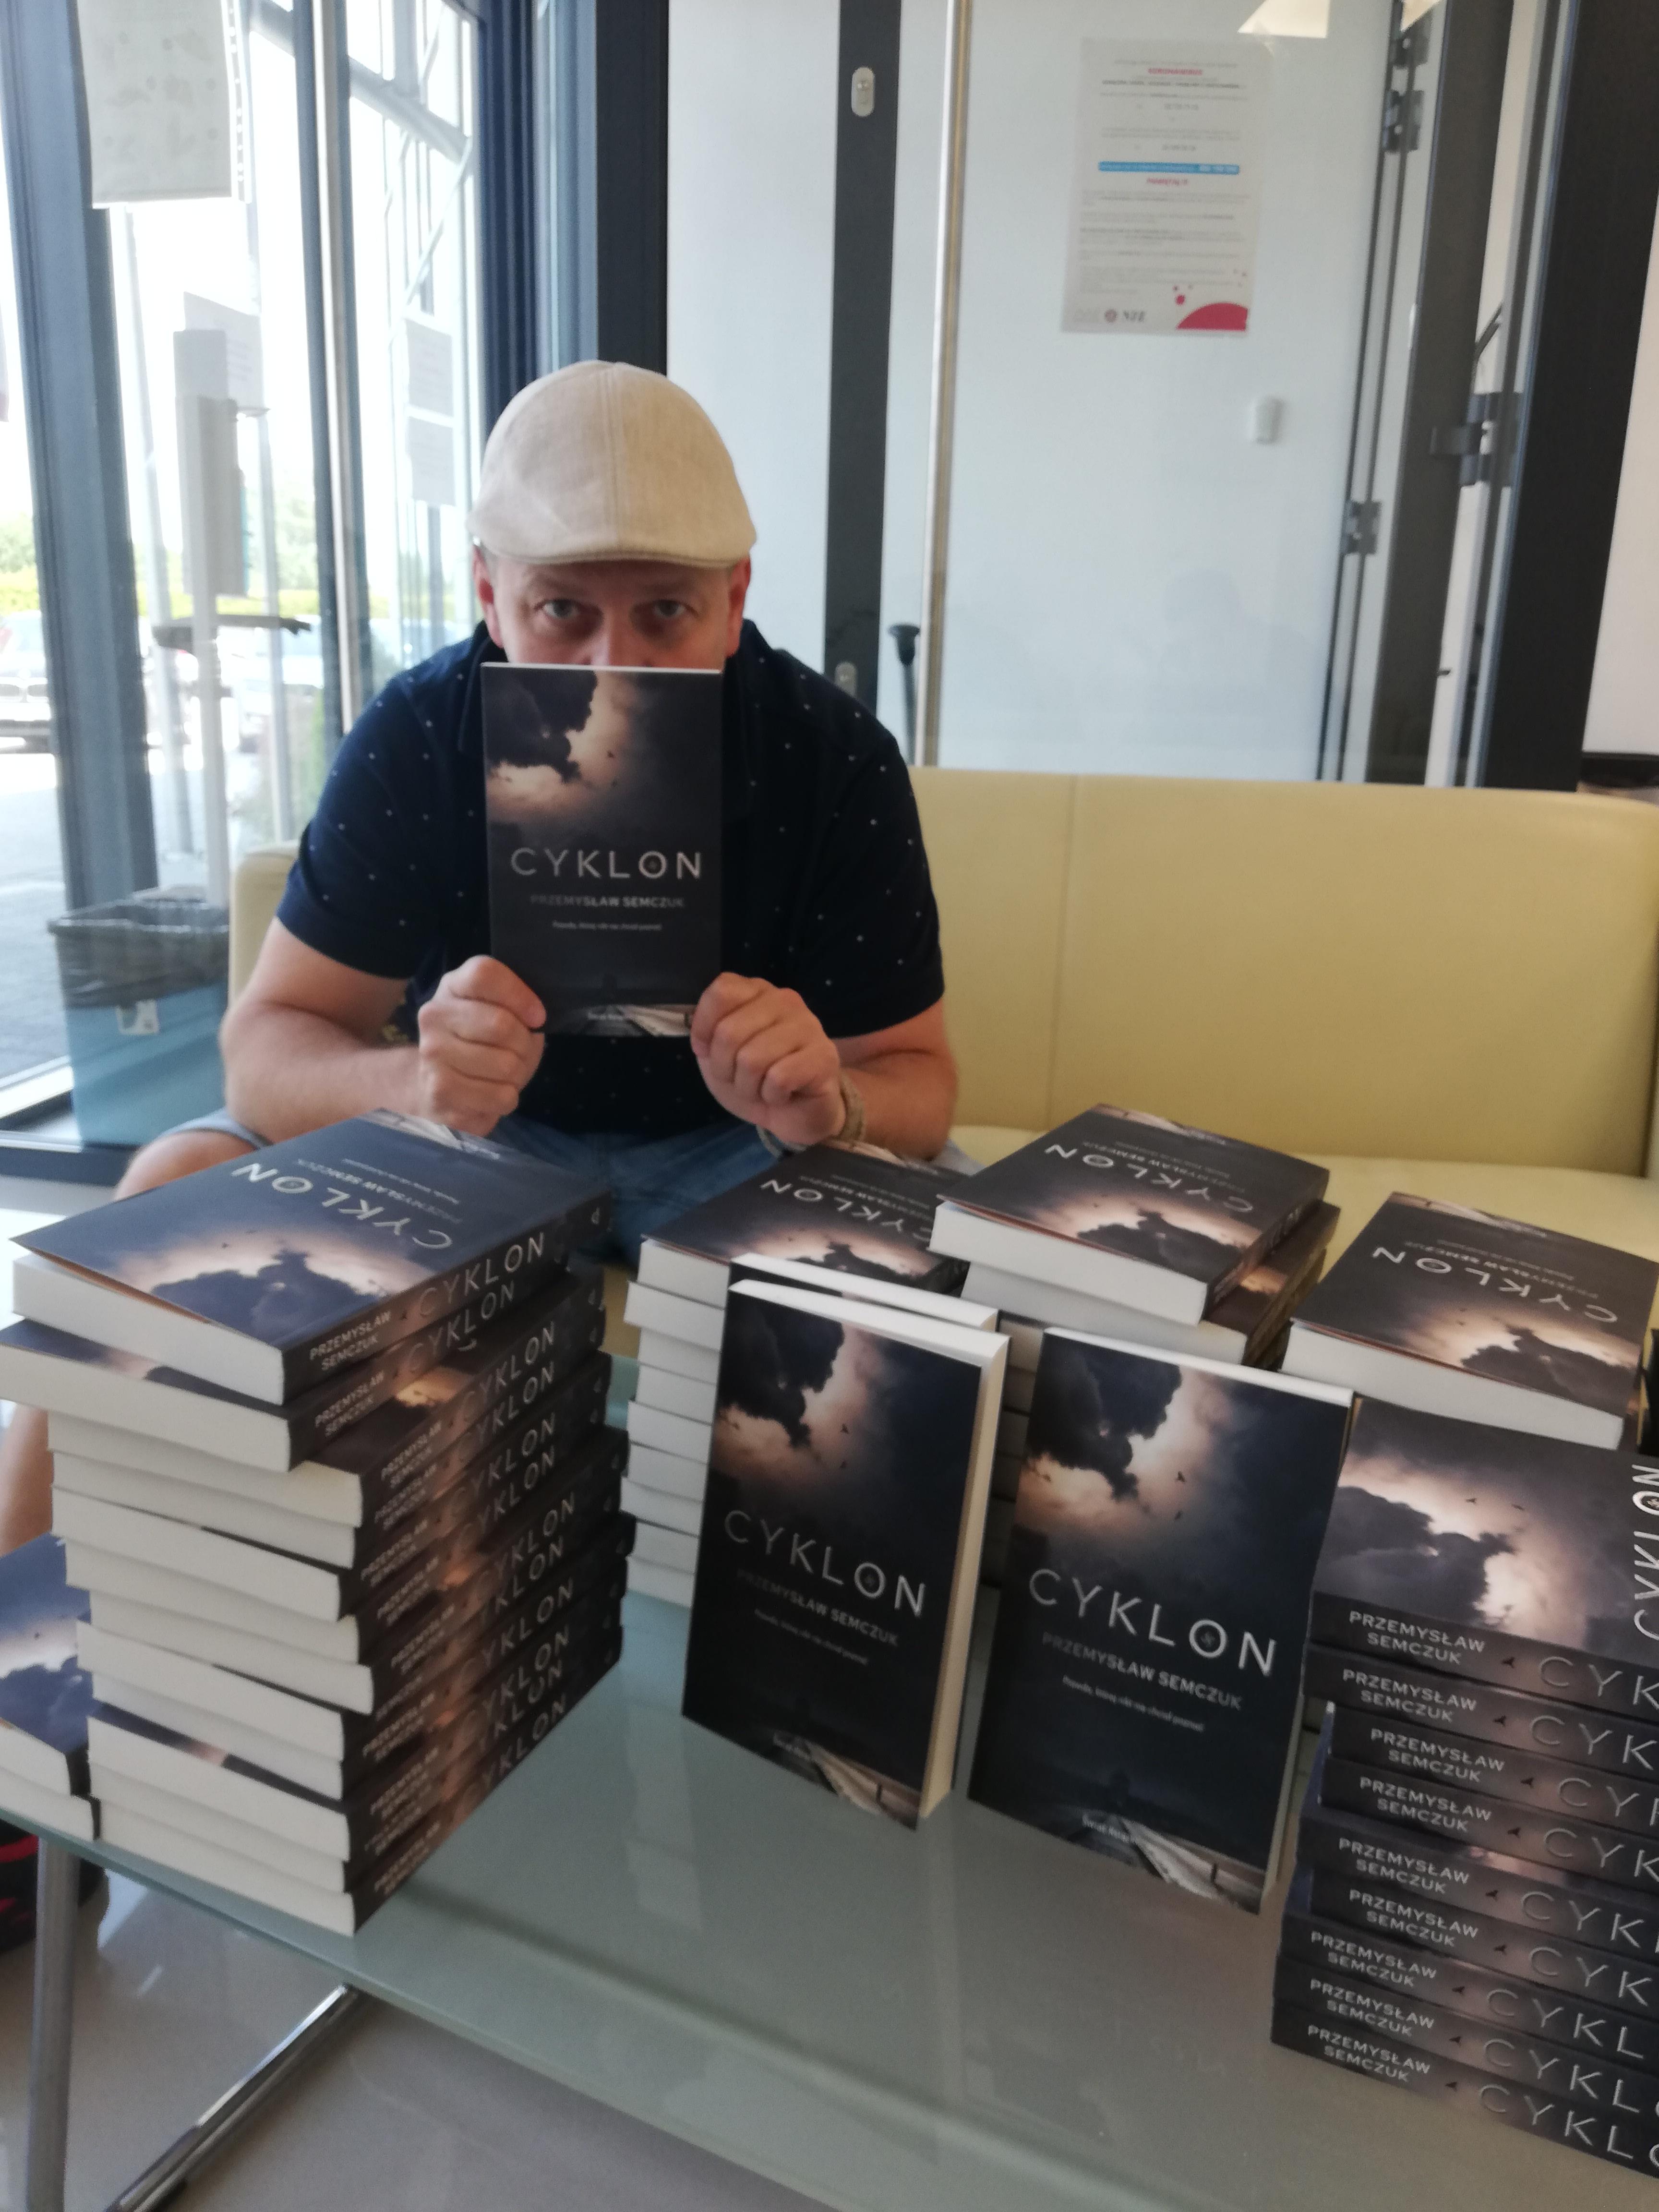 Przemysław Semczuk z książką Cyklon